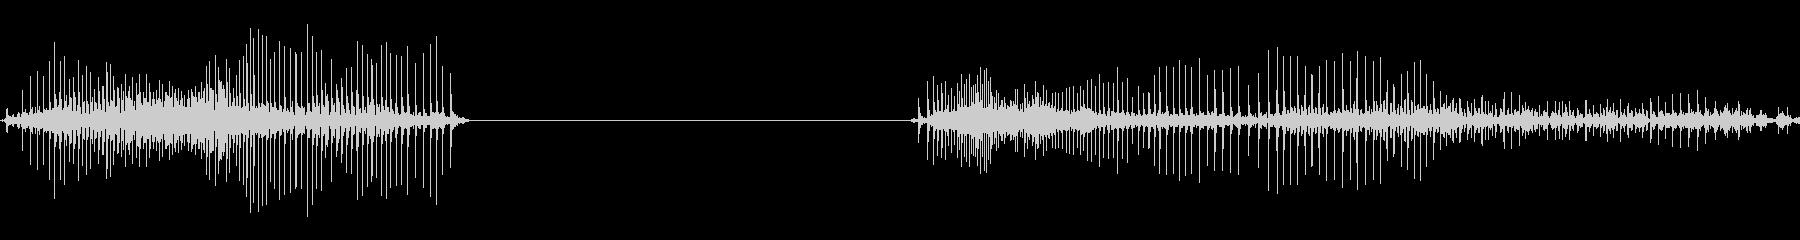 ファスナーの開閉音の未再生の波形